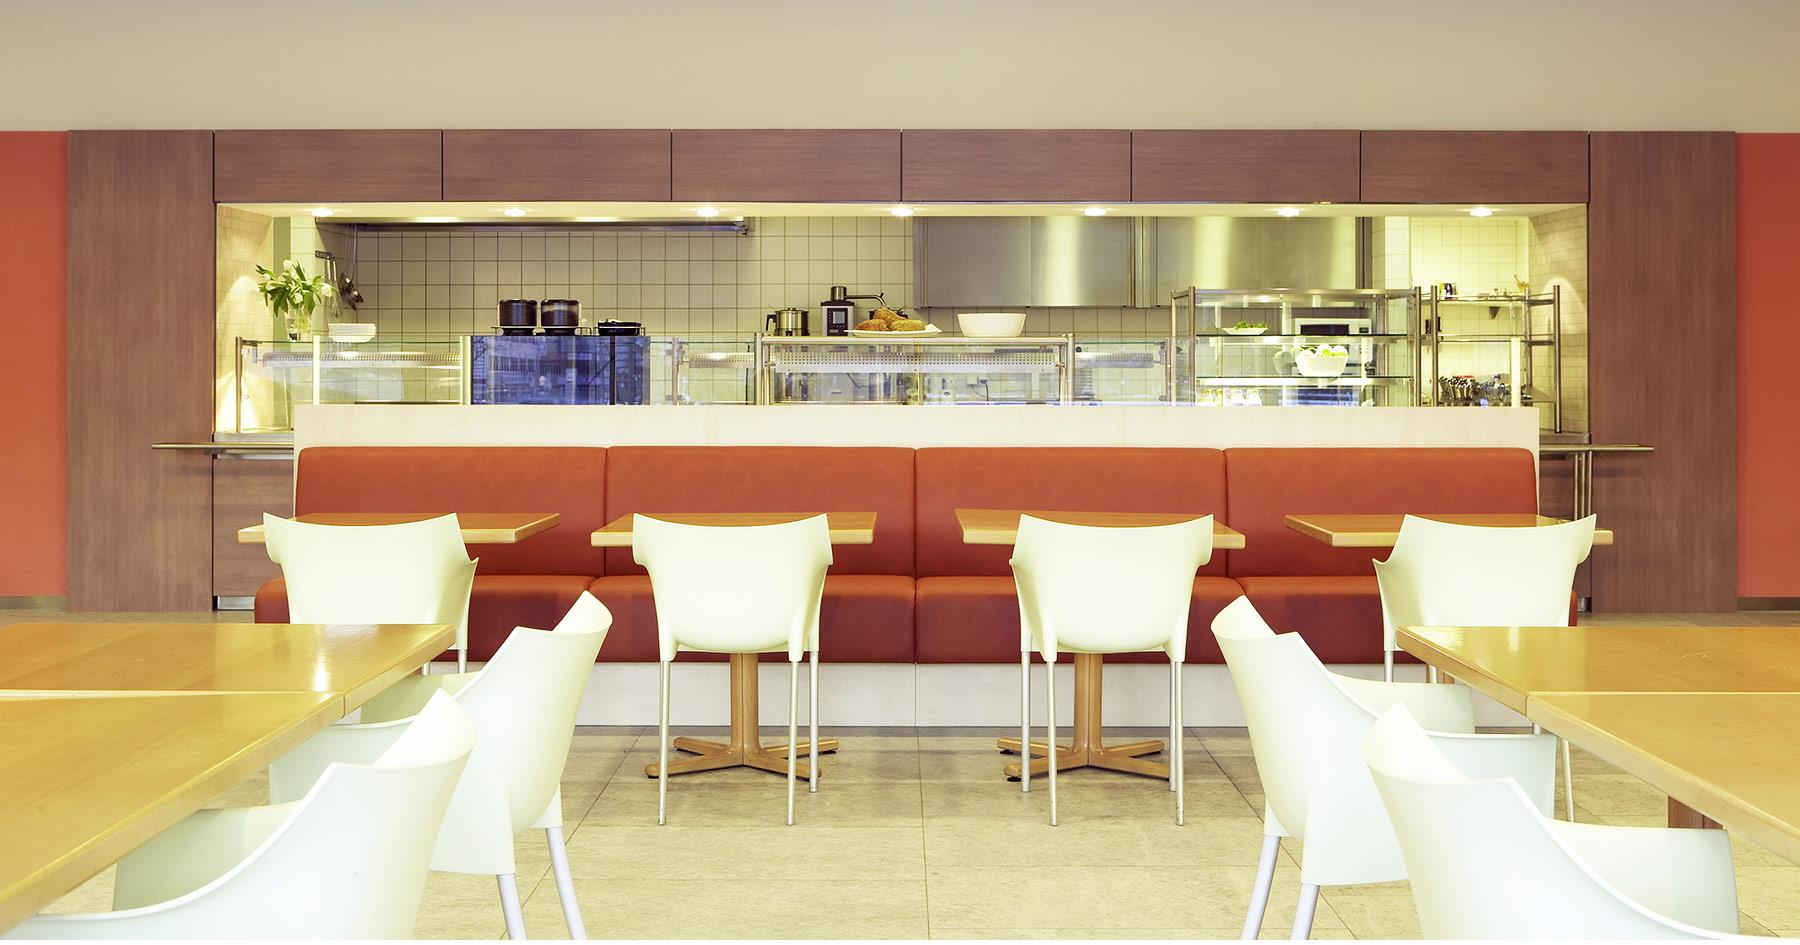 Referenz Innenarchitektur SDW DESIGN Haus der Wirtschaft Cafeteria